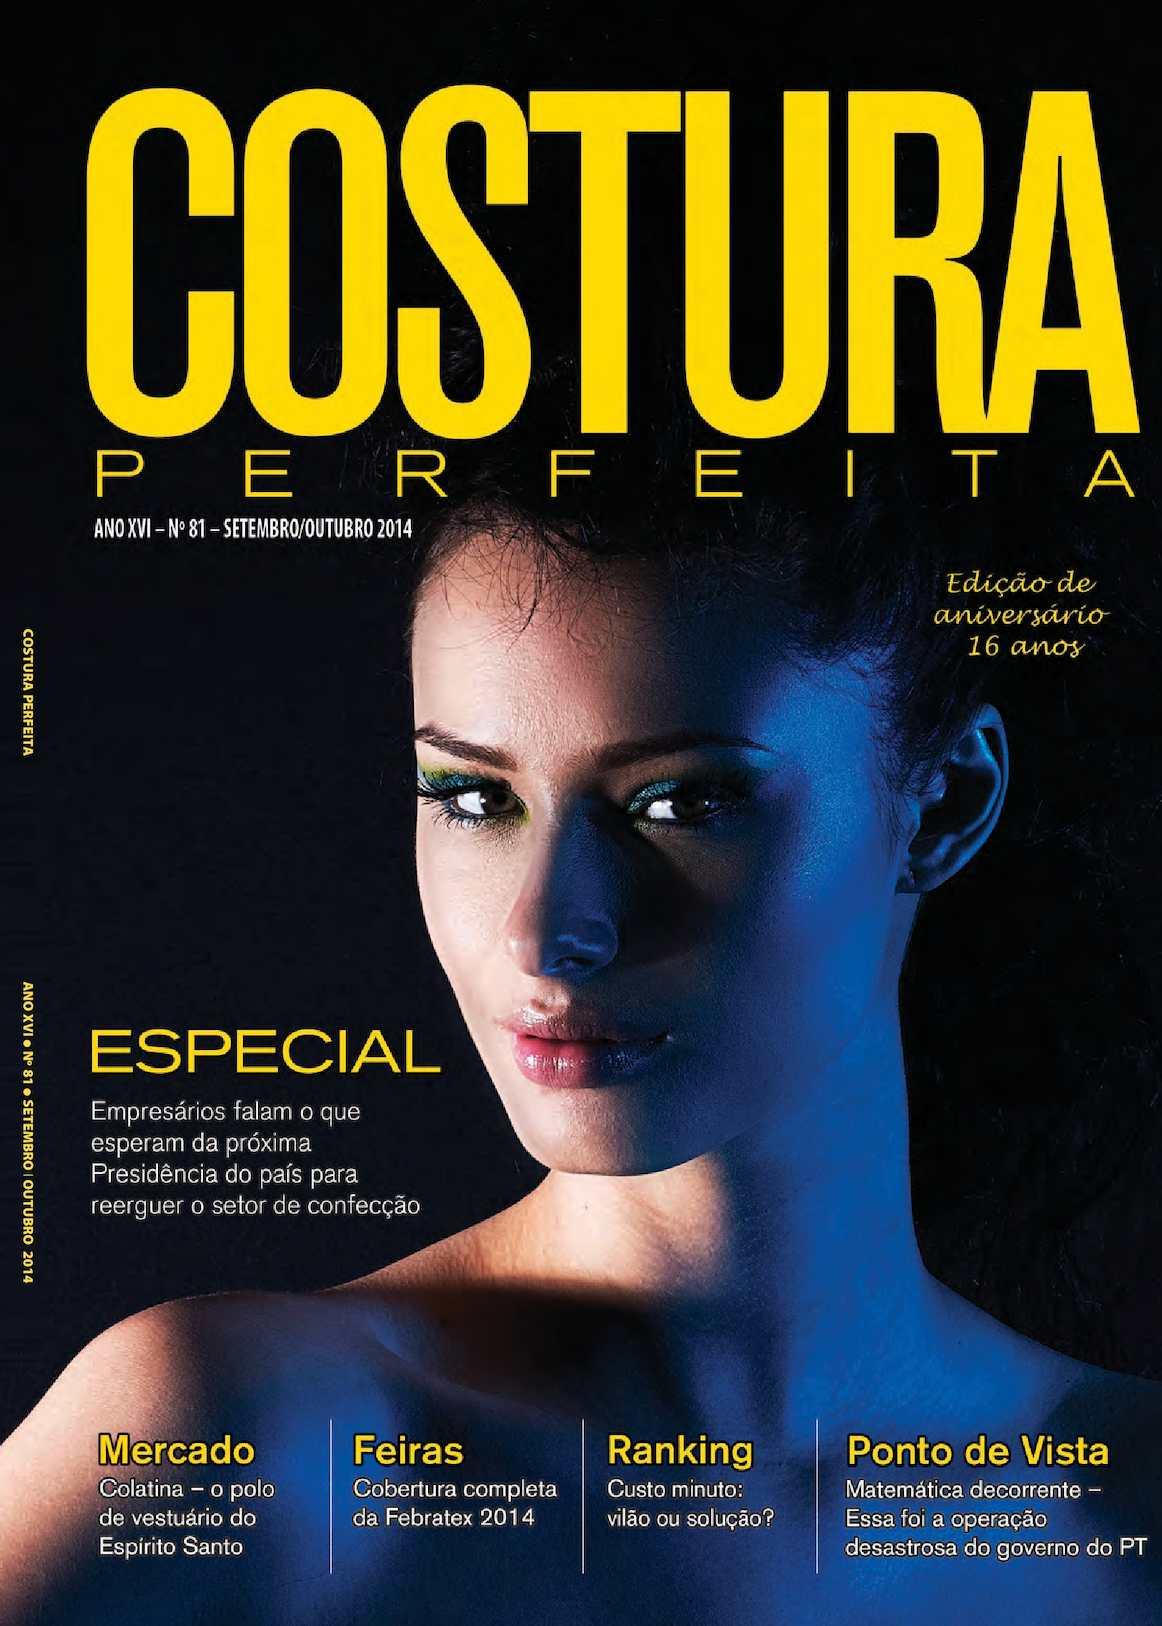 961f0b1b6 Calaméo - Revista Costura Perfeita Edição Ano XVI - N81 - Setembro-Outubro  2014